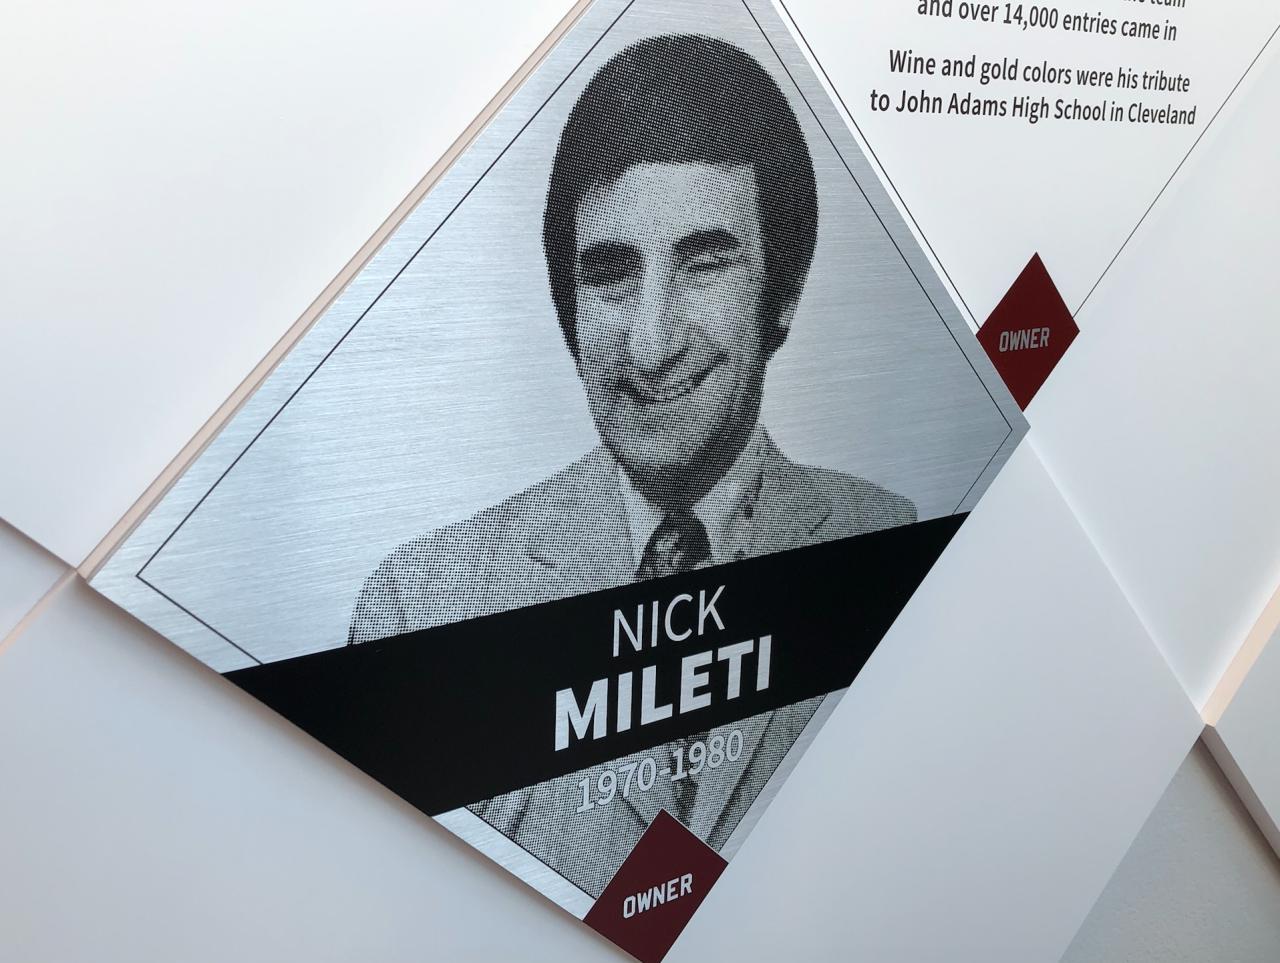 Nick Mileti Wall of Fame